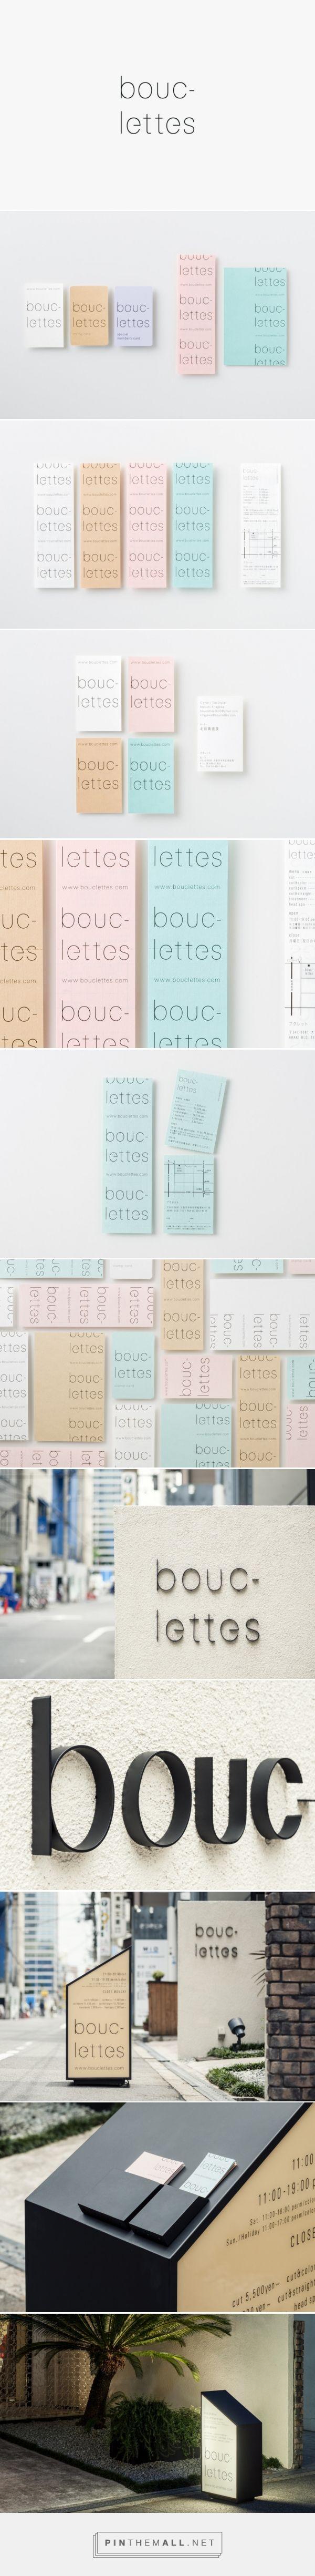 bouclettes : UMA / design farm